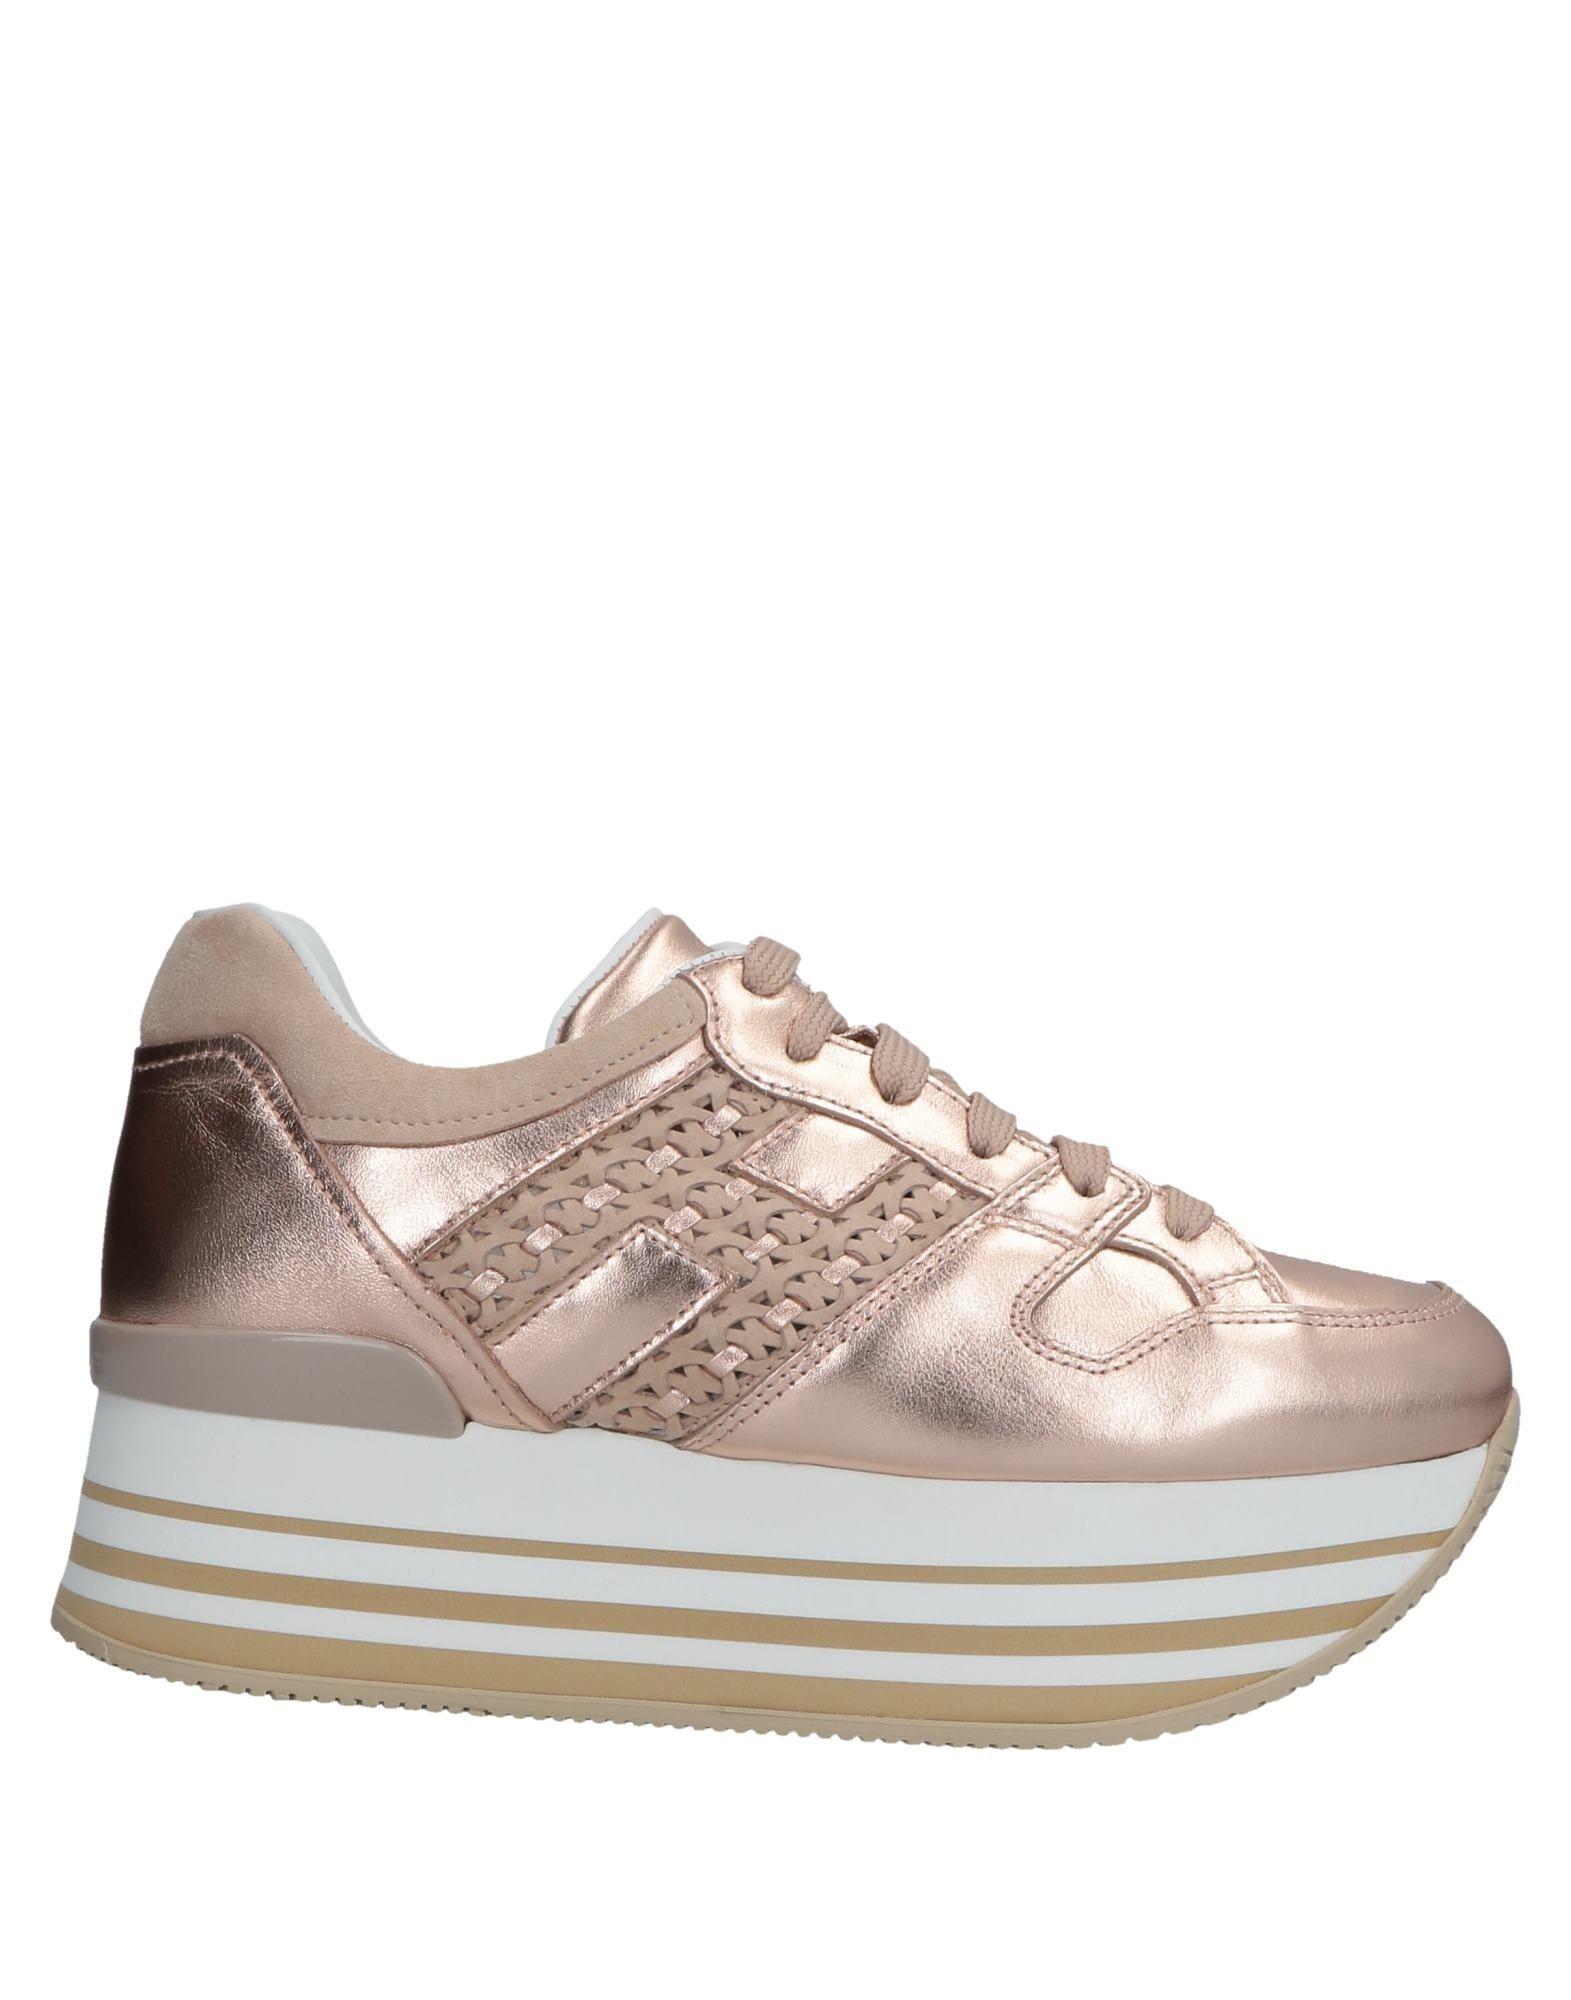 Hogan Sneakers - Women Hogan Sneakers - online on  Canada - Sneakers 11577719OO 0fd488